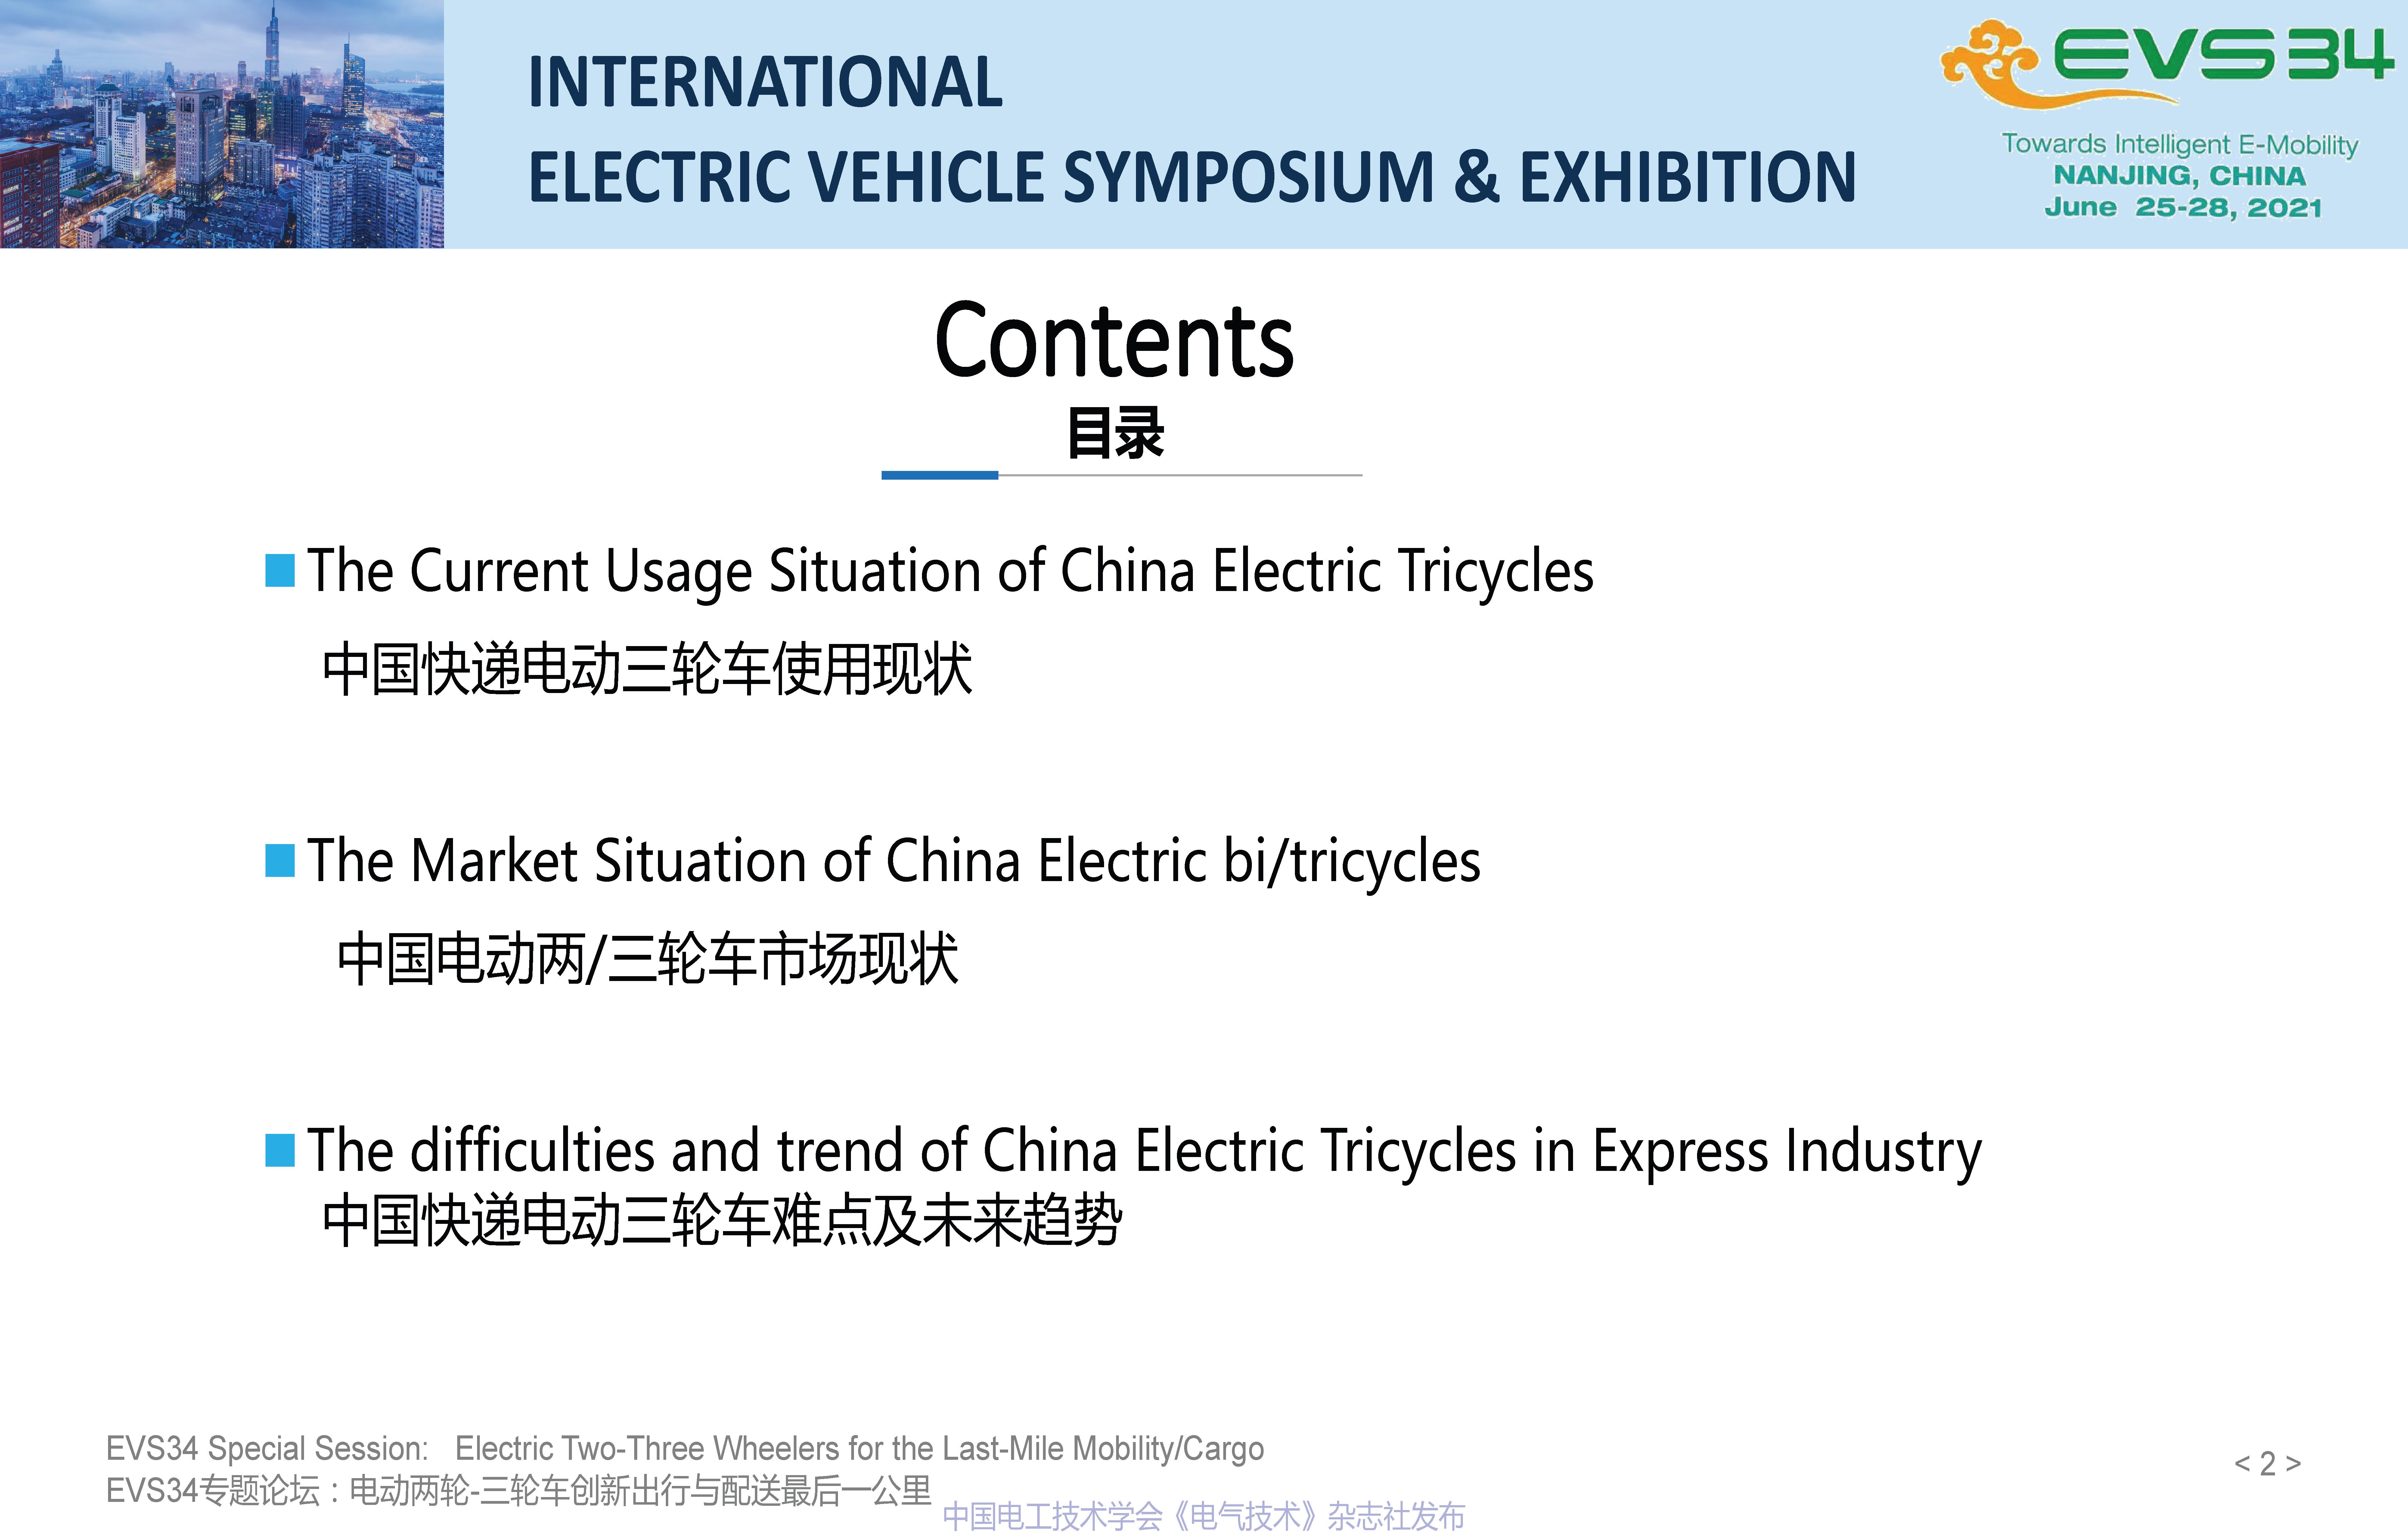 圆通速递副总裁相峰:中国快递专用三轮车行业的现状与难点探讨